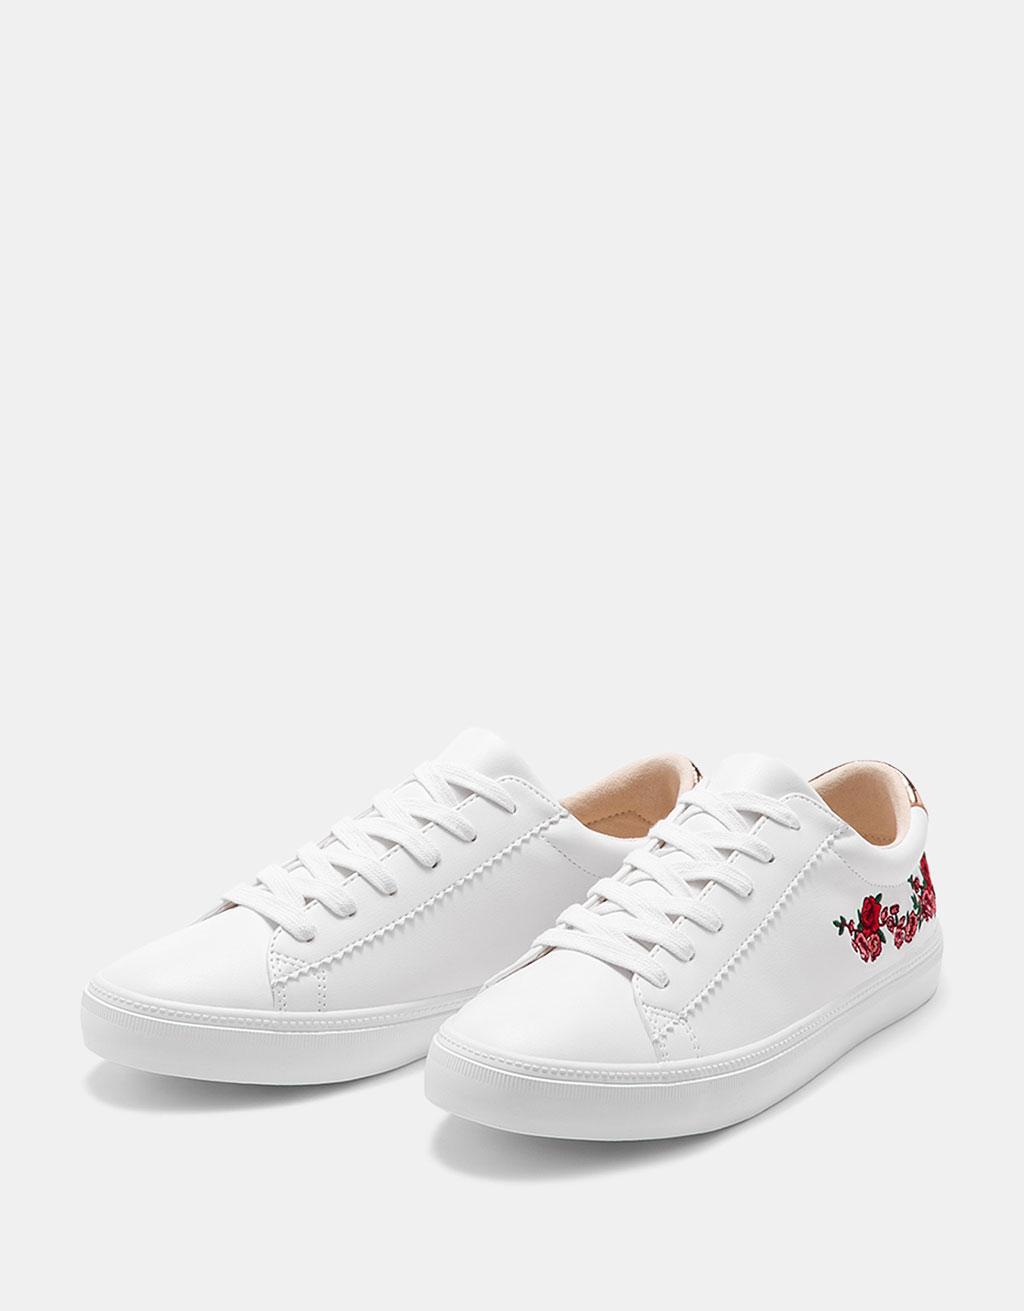 Buty z haftowanymi kwiatami i metalizowanym detalem